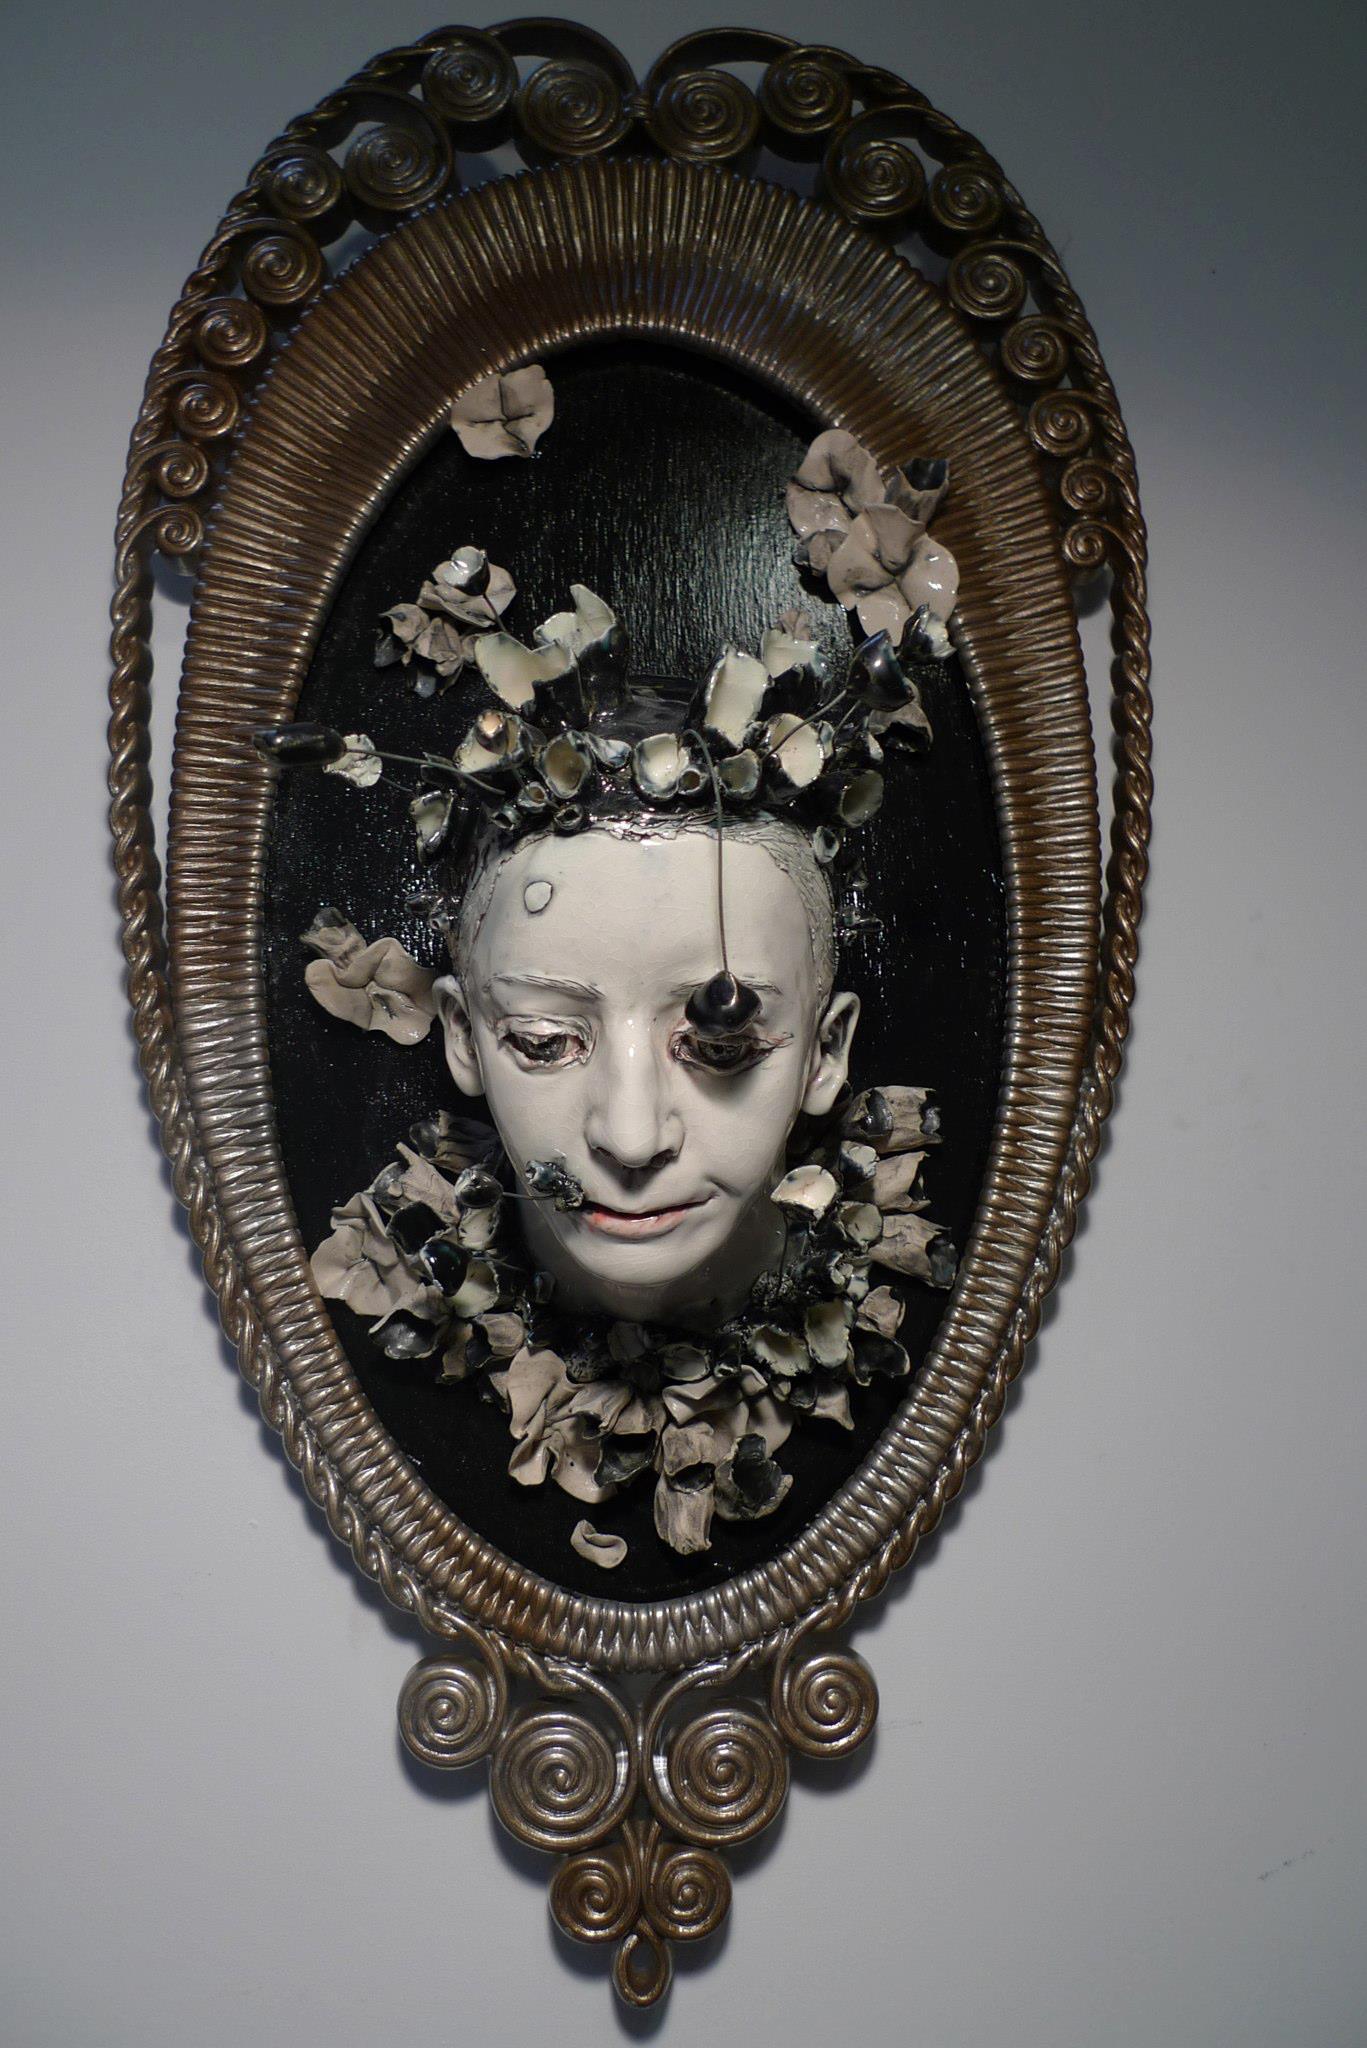 Sarah Louise Davey – Black Locust – Macabre sculptures